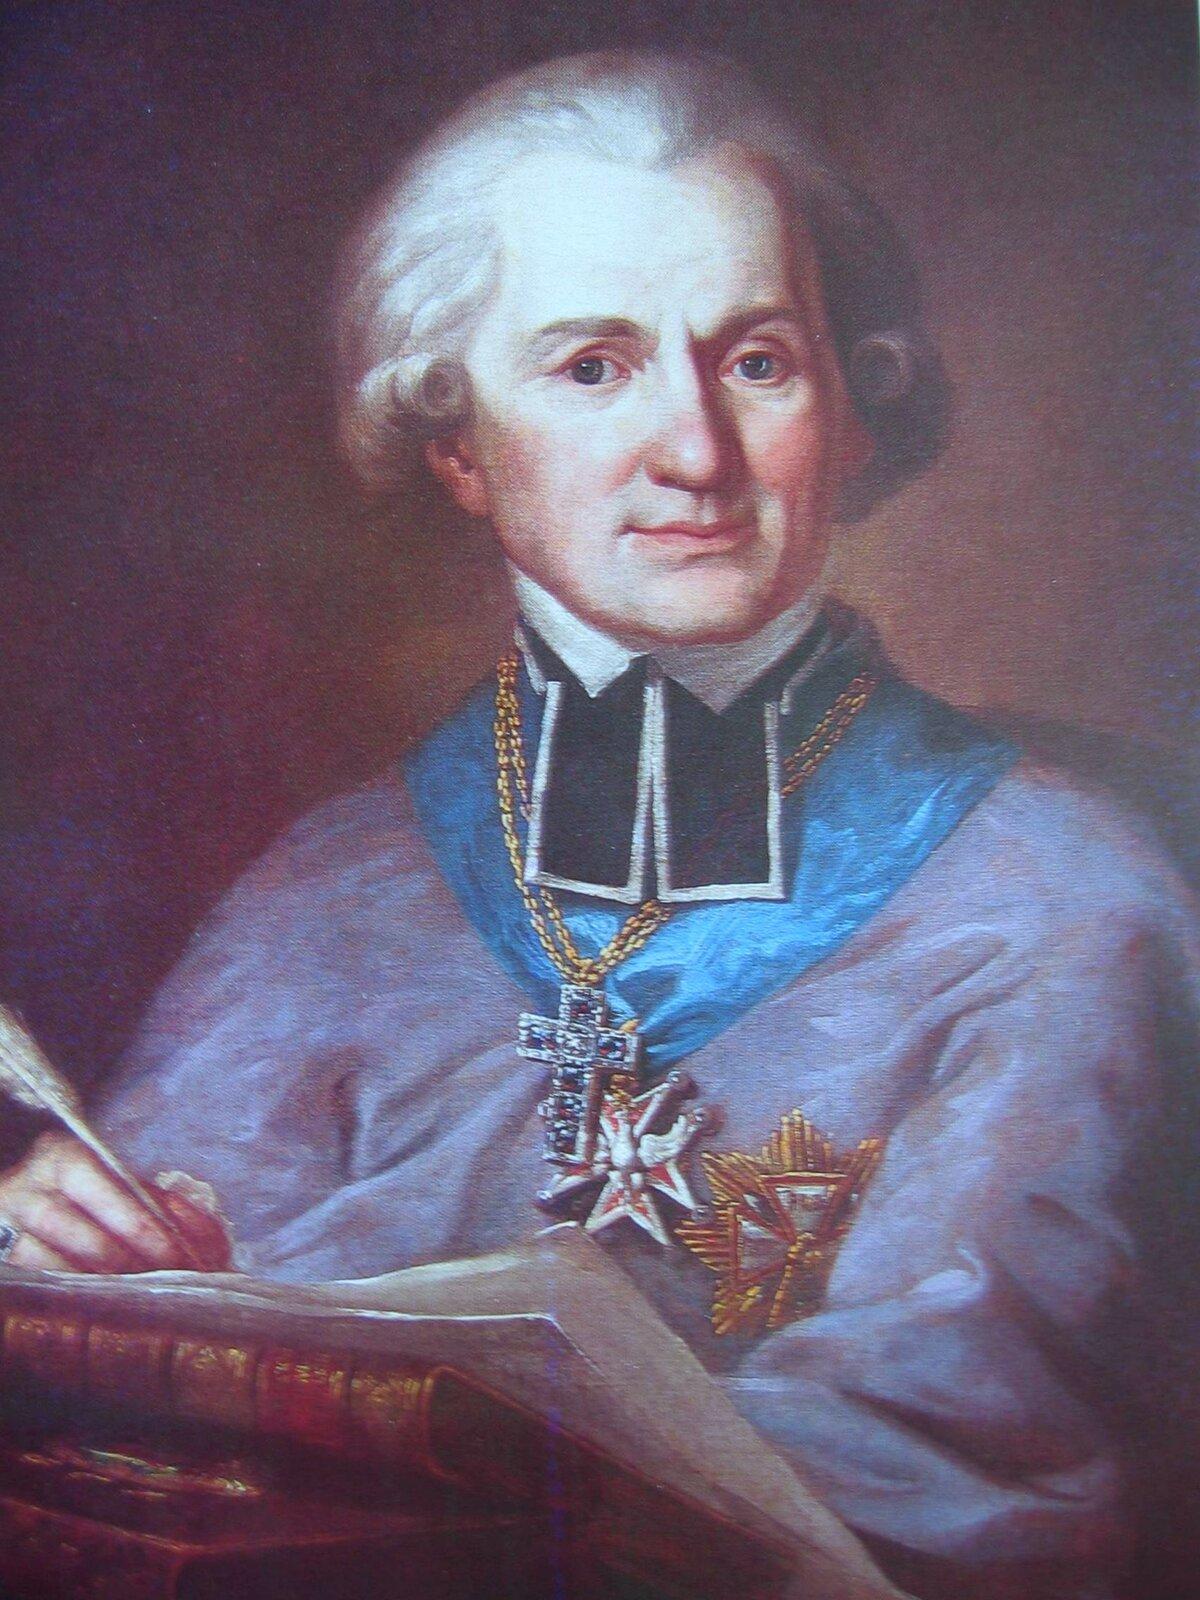 Adam Naruszewicz Źródło: Mateusz Tokarski, Adam Naruszewicz, ok. 1791, olej na płótnie, Zamek Królewski wWarszawie, domena publiczna.